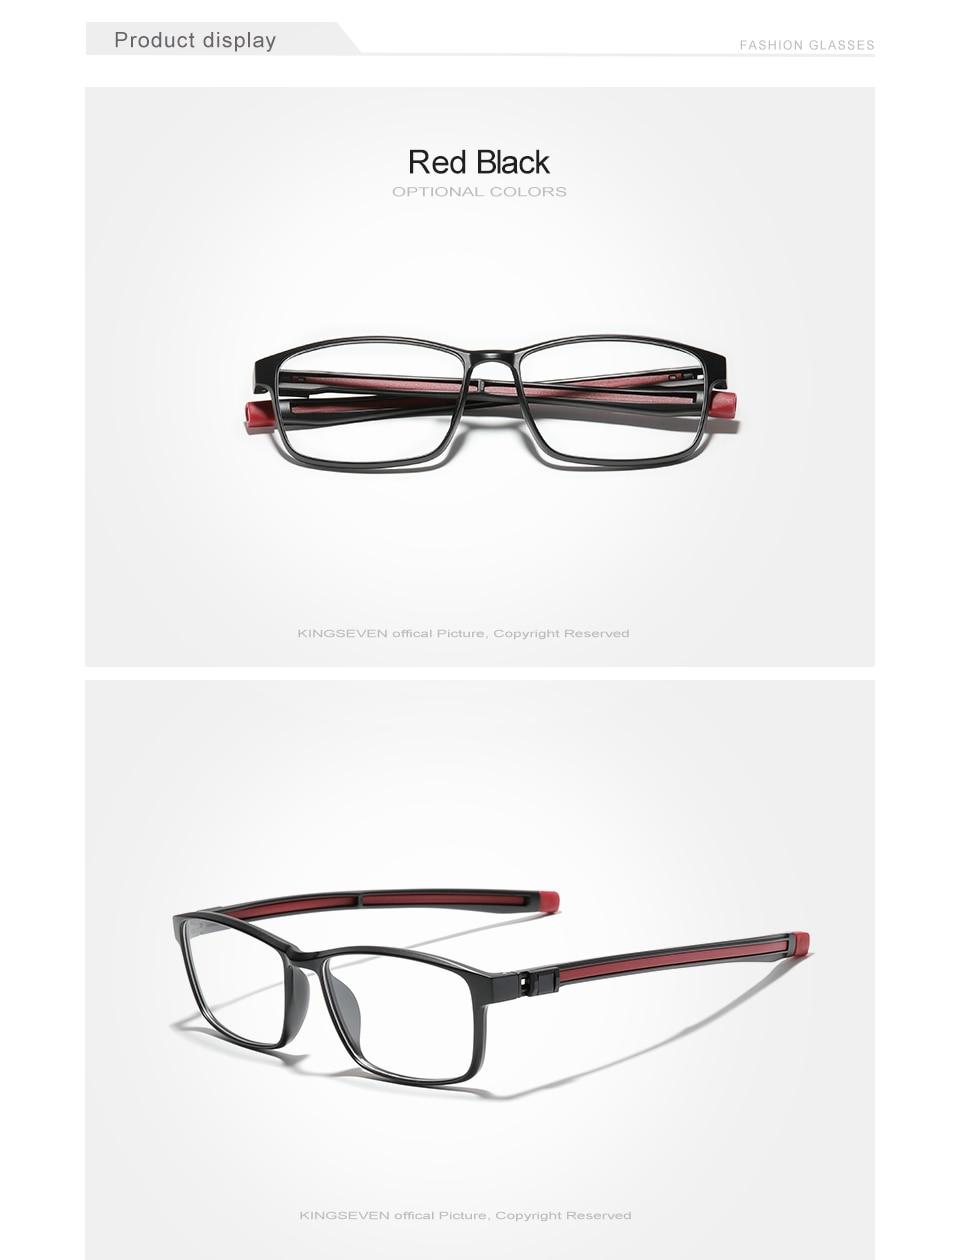 KINGSEVEN TR90 Glasses Frame Men Ultralight Square Myopia Prescription Eyeglasses 2020 Metal Full Optical Frames Eyewear